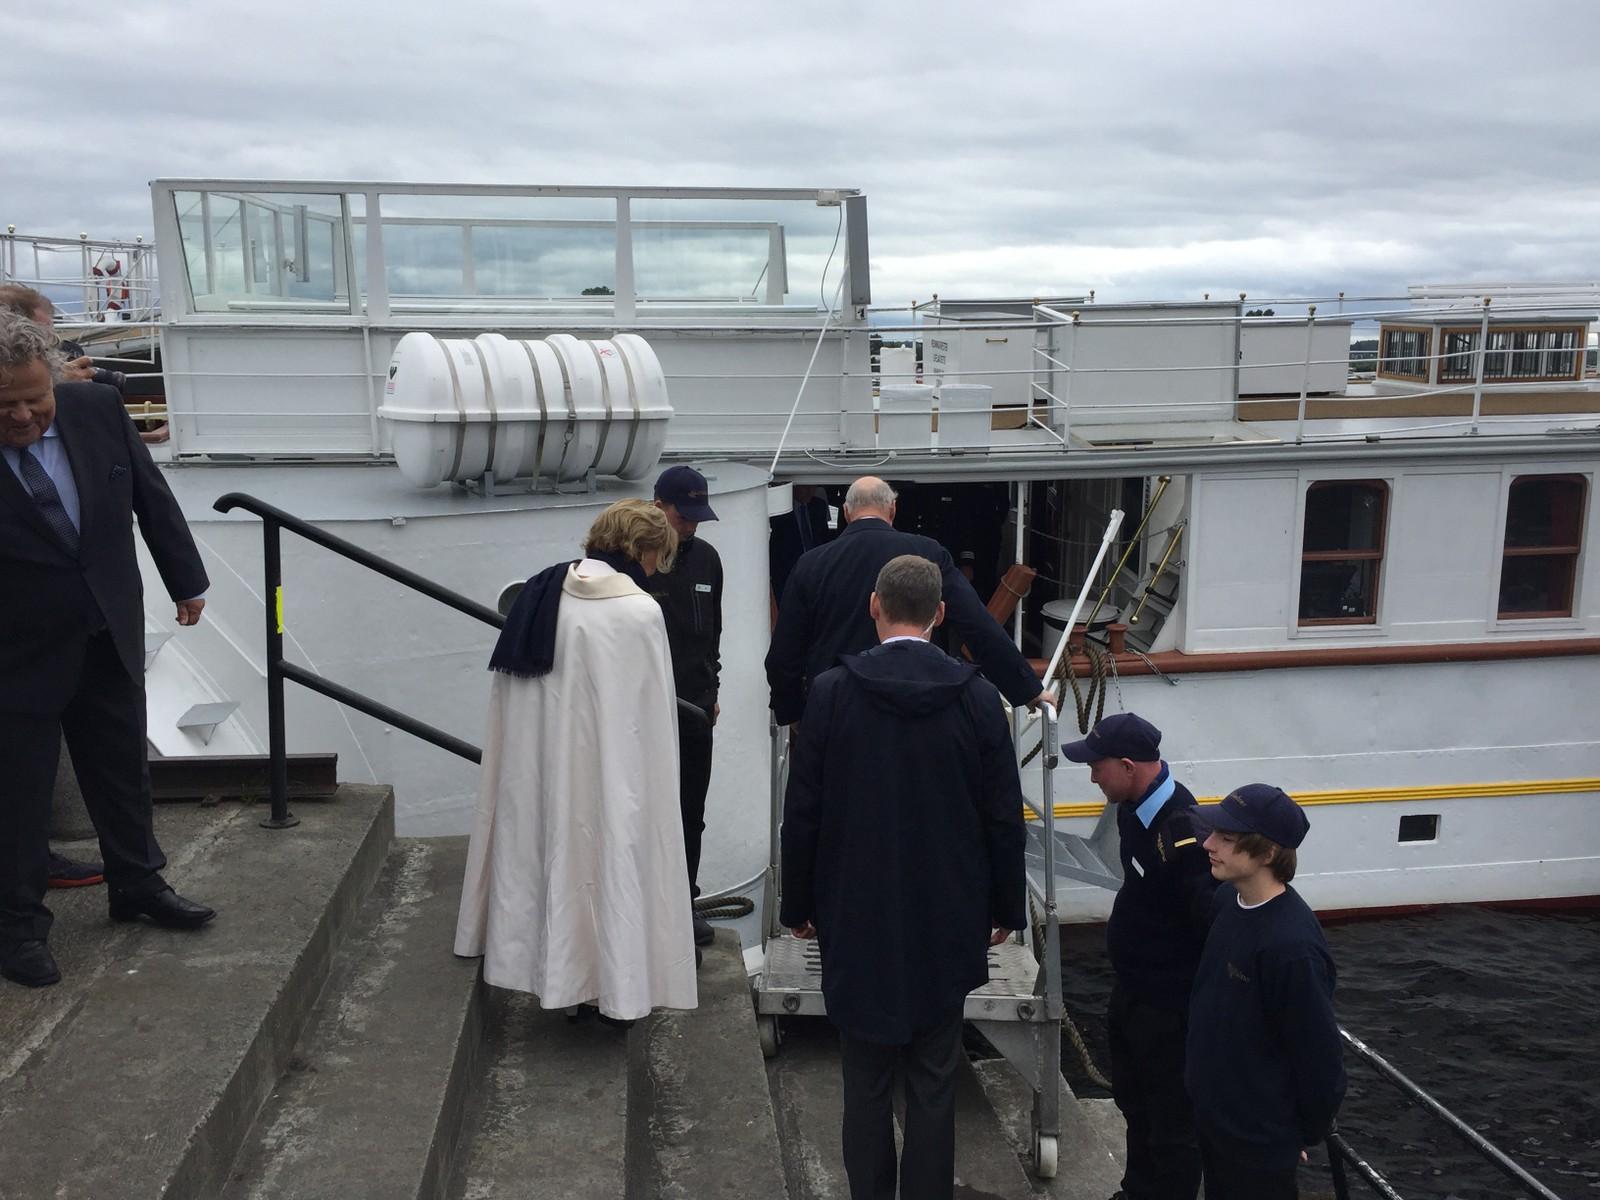 Skibladner fraktet kongeparet rundt til stedene de besøkte på den første dagen i Hedmark og Oppland.